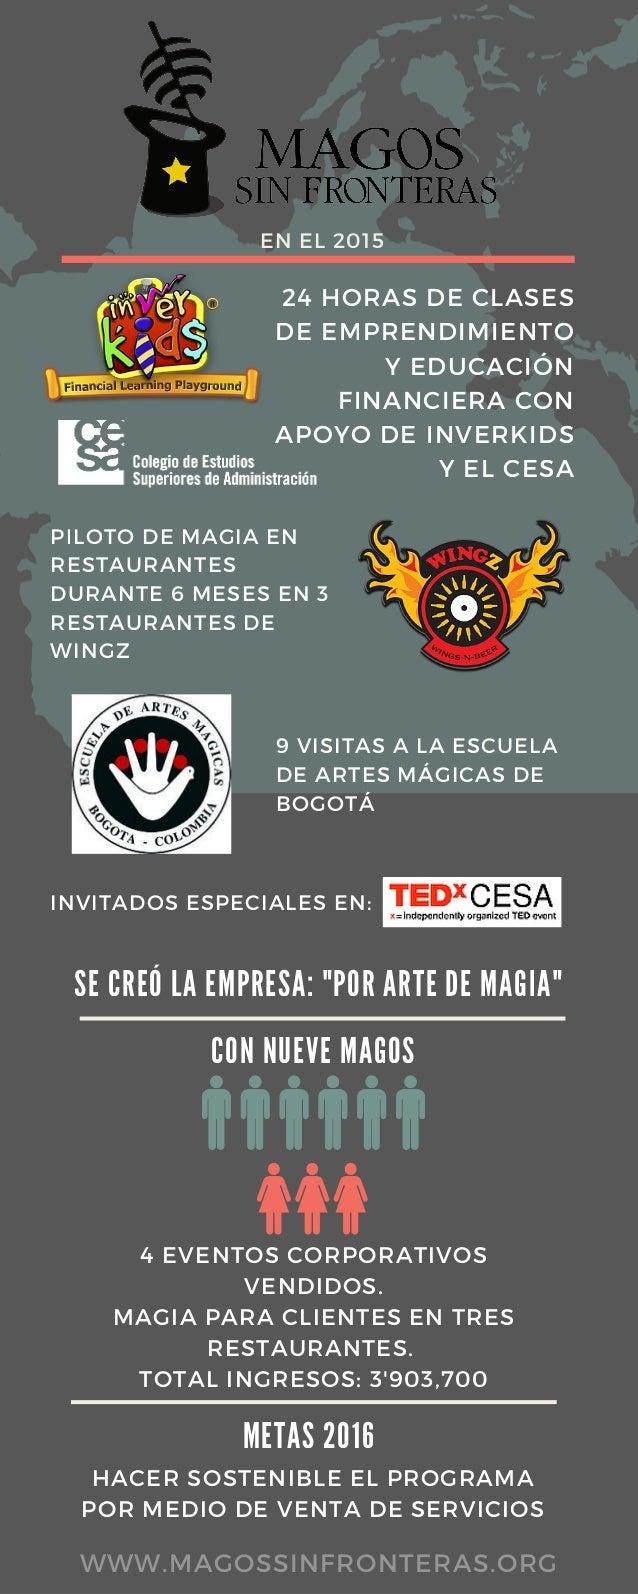 24 HORAS DE CLASES DE EMPRENDIMIENTO Y EDUCACIÓN FINANCIERA CON APOYO DE INVERKIDS Y EL CESA PILOTO DE MAGIA EN RESTAURANT...